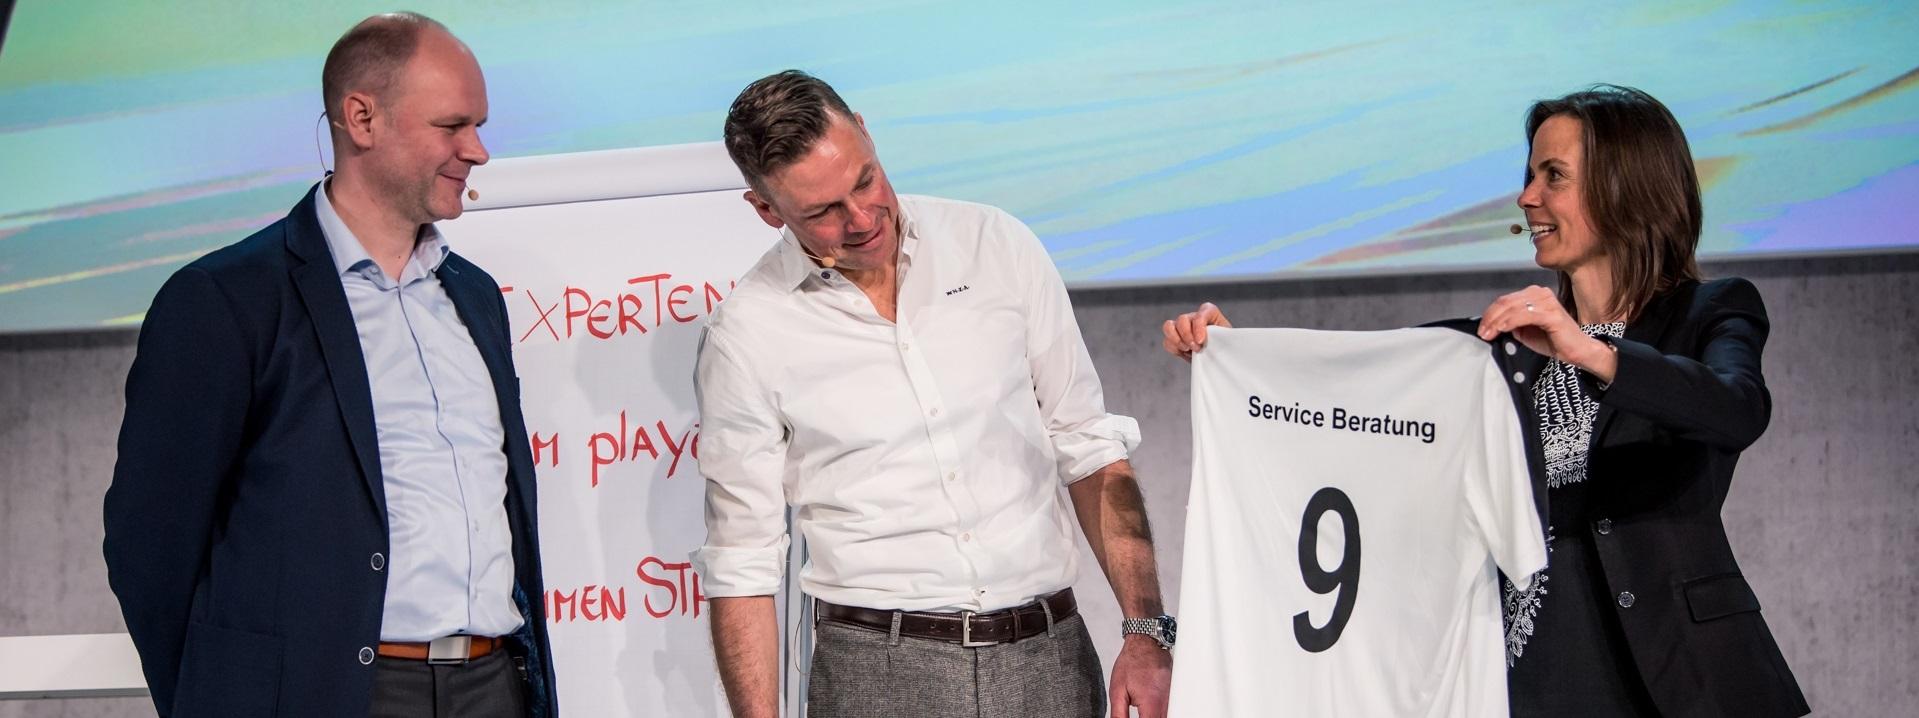 Key Note Speaker Dr. Holger Schmitz und Erik Meijer